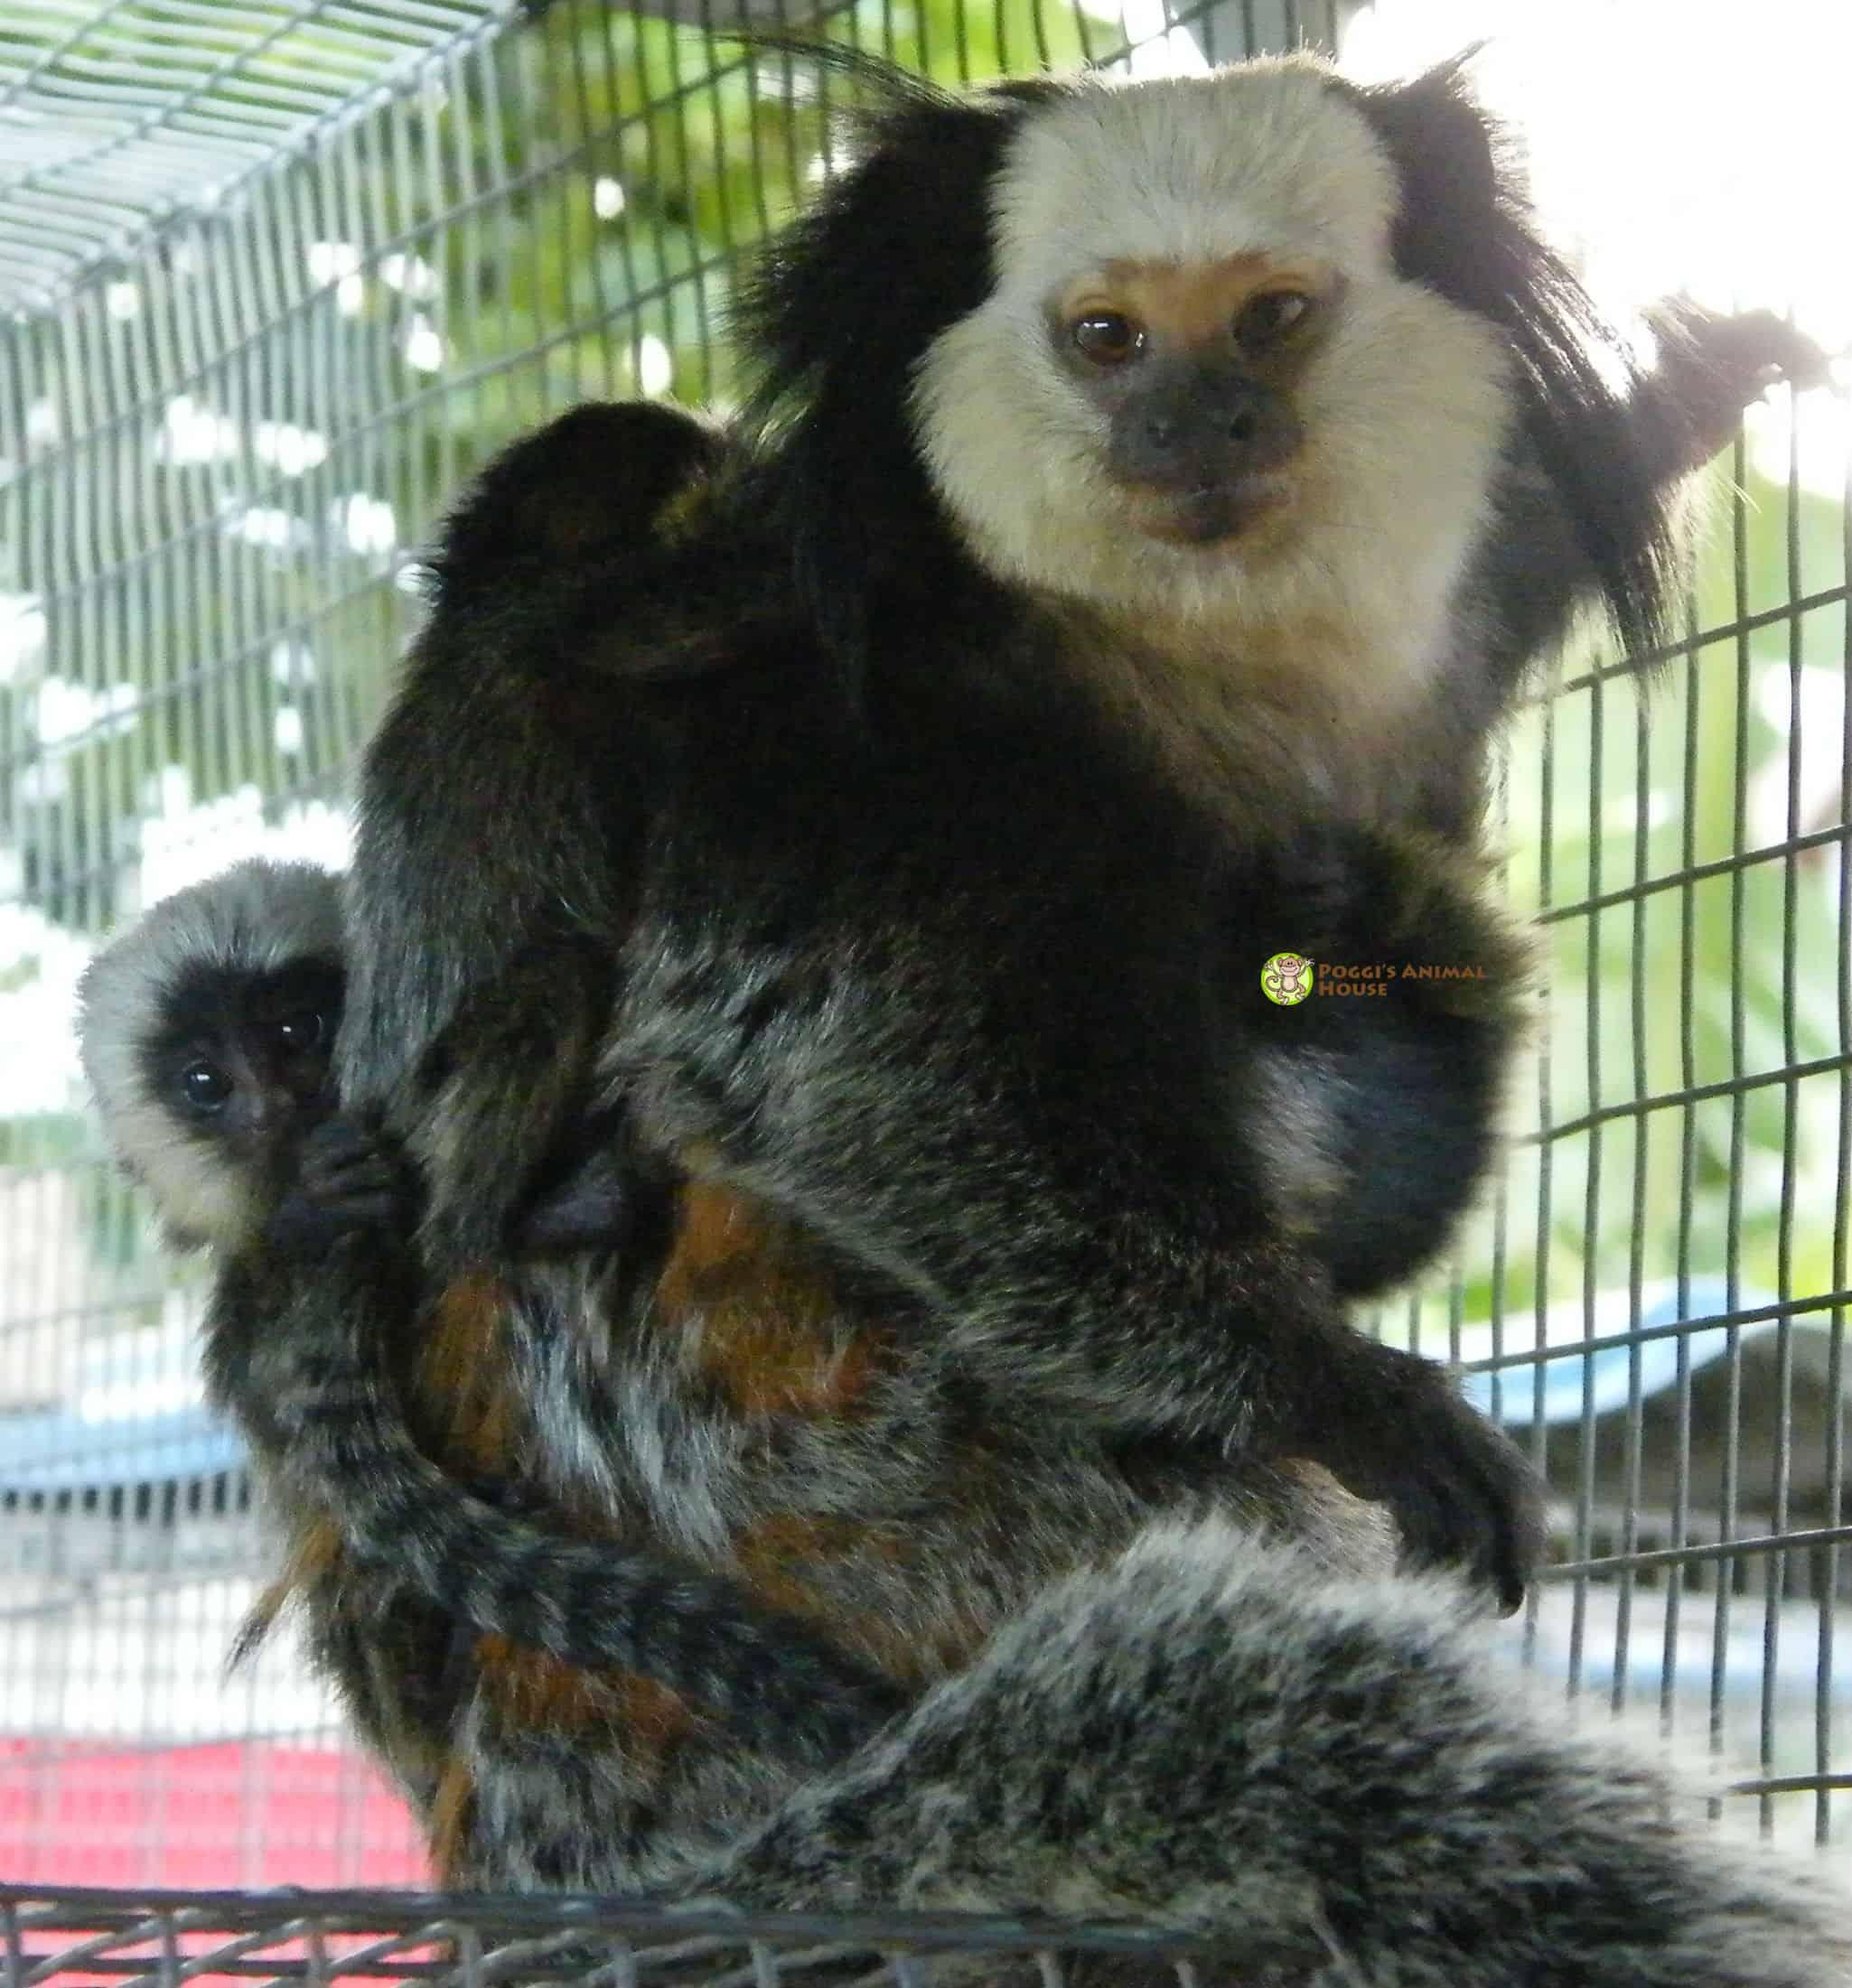 Meet my 2 baby Geoffrey monkeys